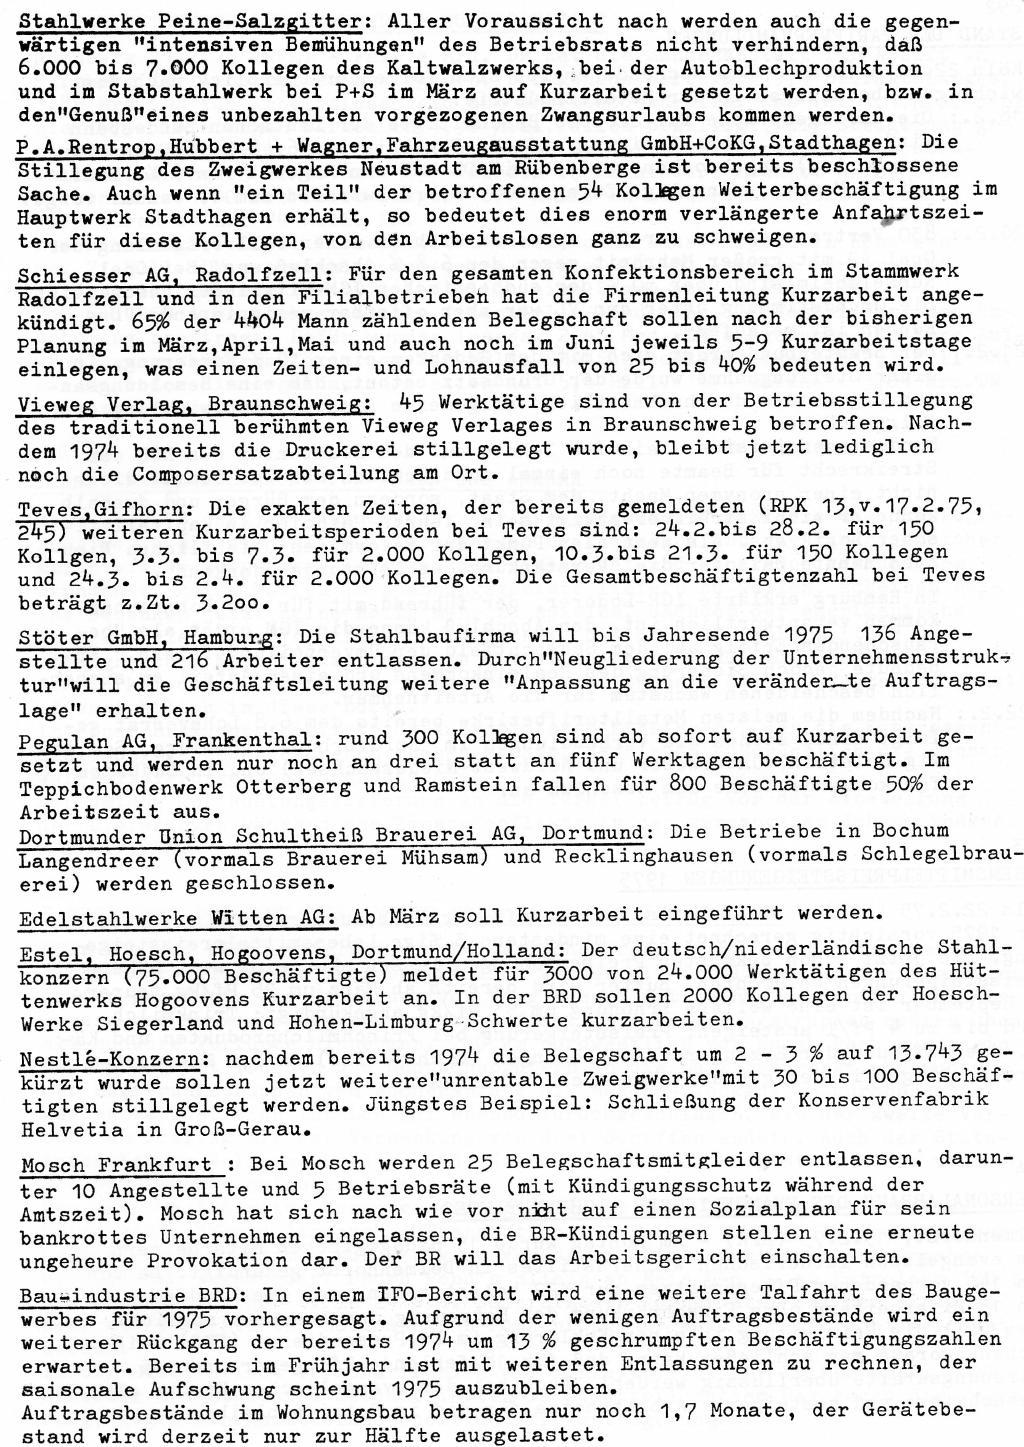 RPK_Pressedienst_1975_14_07